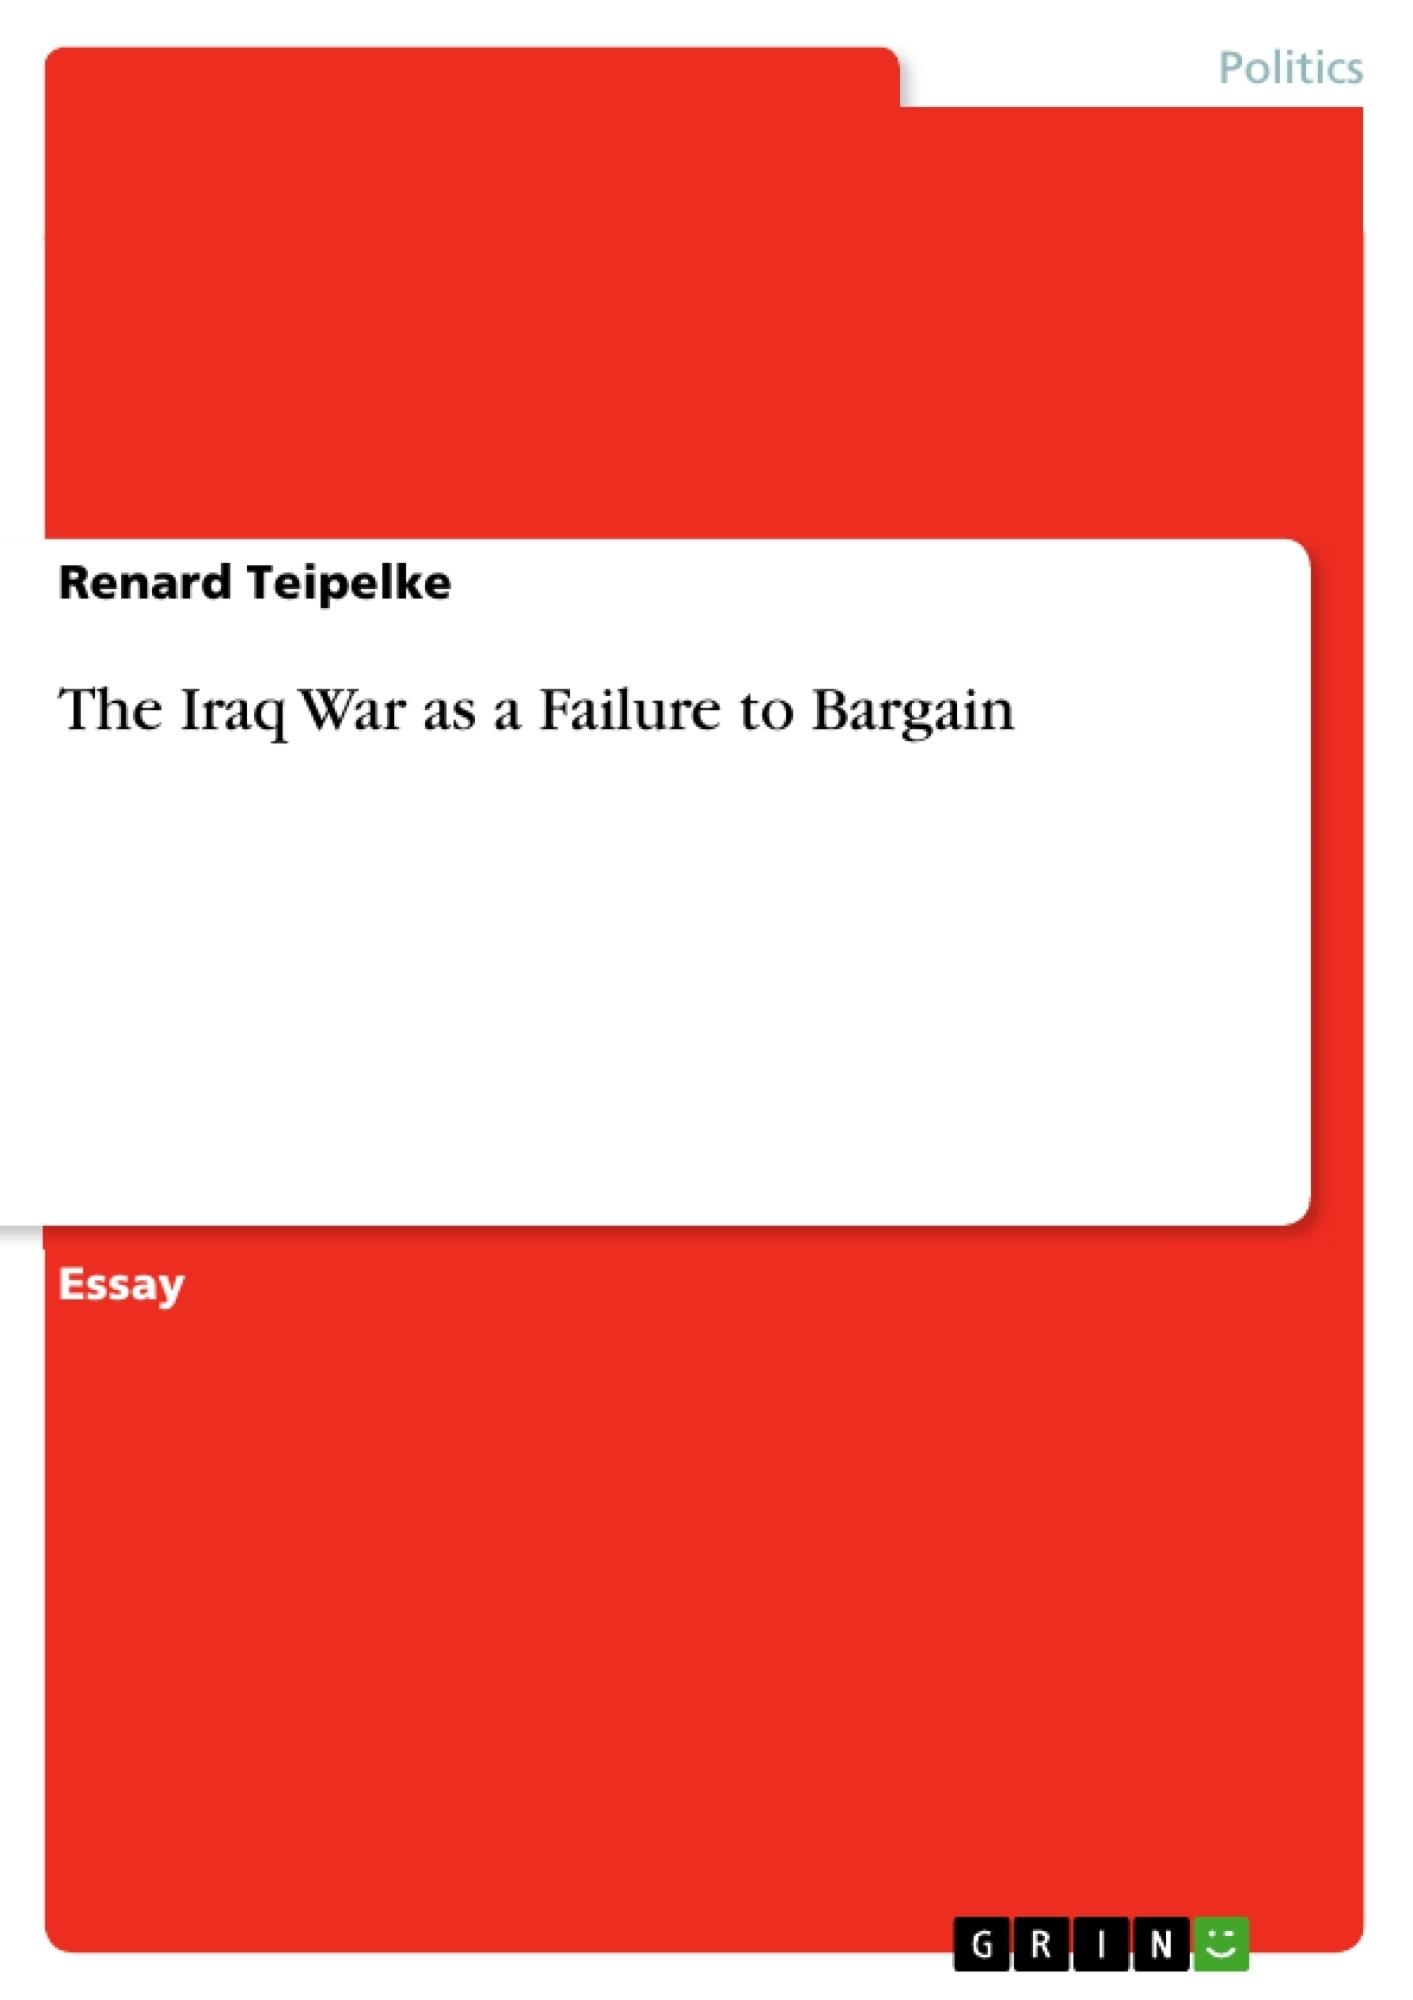 Title: The Iraq War as a Failure to Bargain